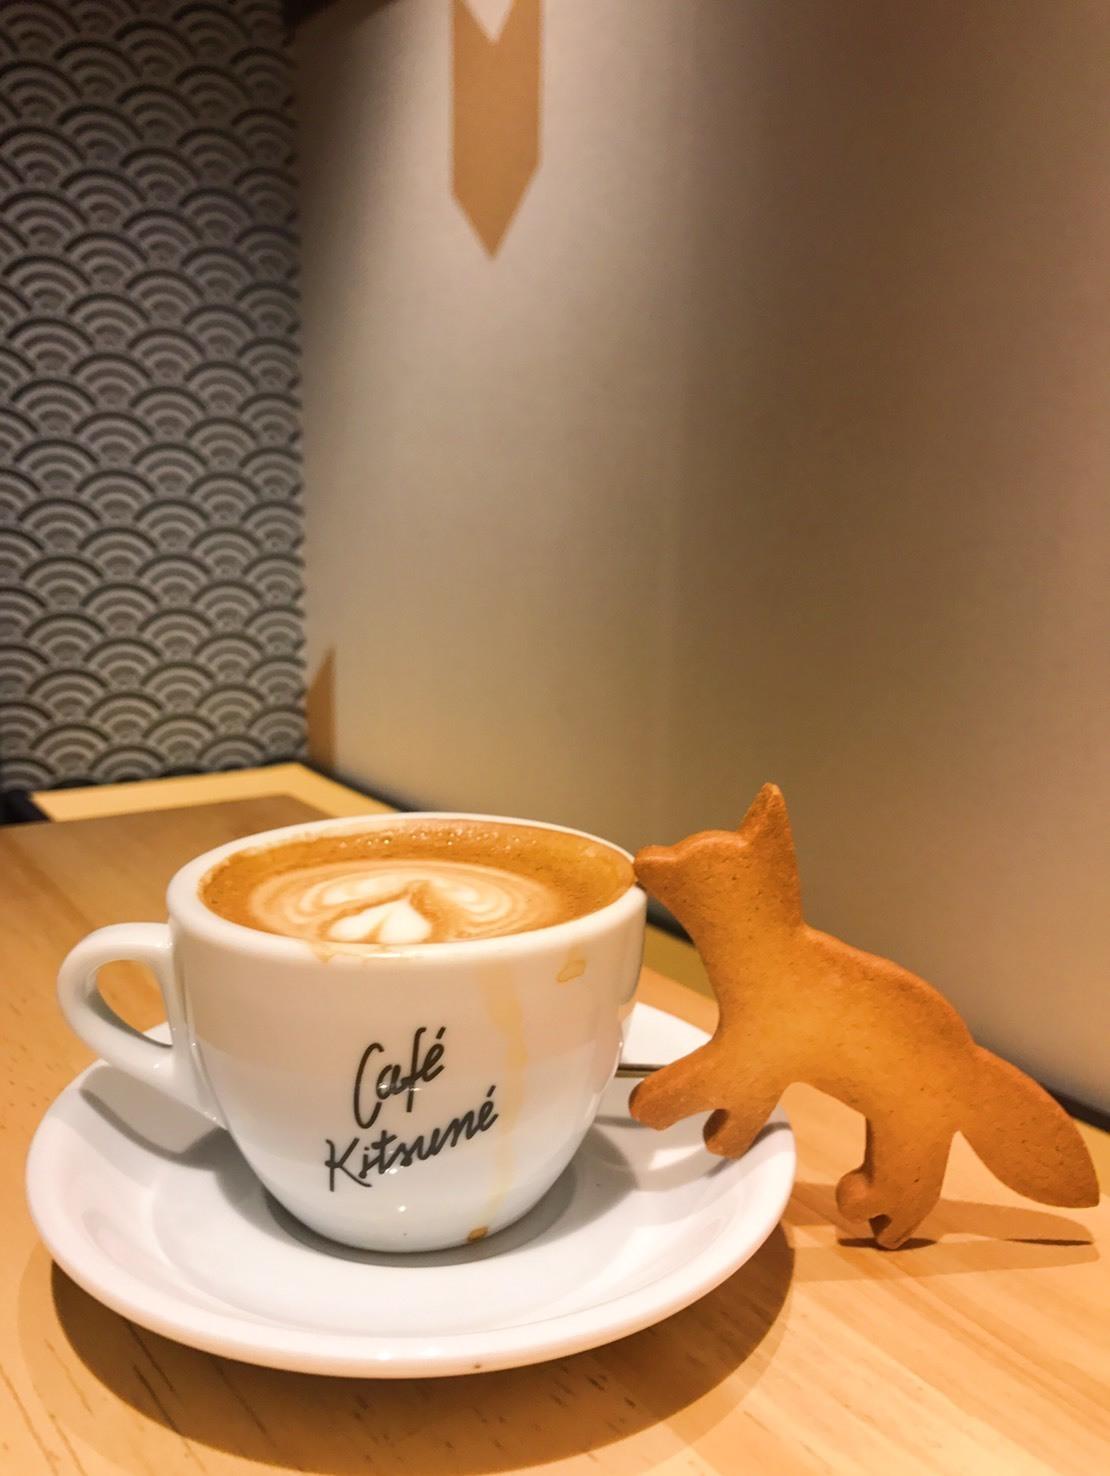 日本の茶室をモチーフに作られた「Cafe KITSUNE」